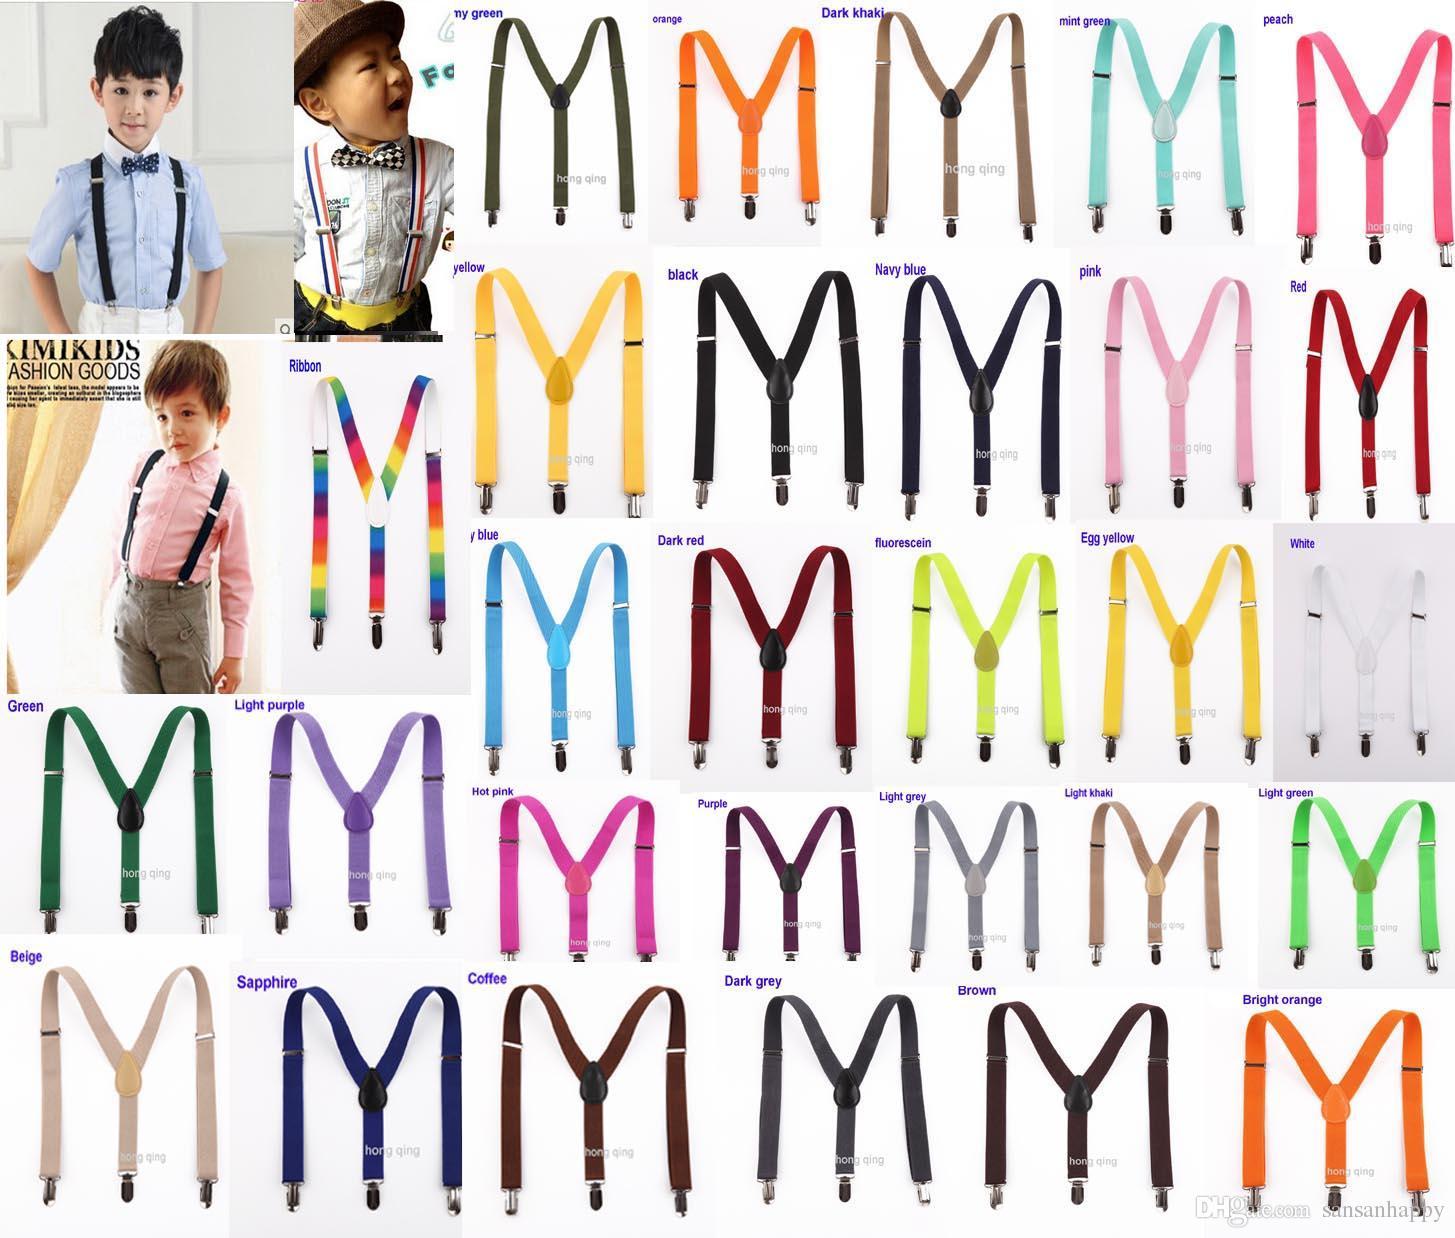 Bambini Bretella Vestiti Bambino Pantaloni Casual Moda Pantaloni lunghi Bretelle Bretelle Pantaloni Boy Bambini Pantaloni bambini Abbigliamento